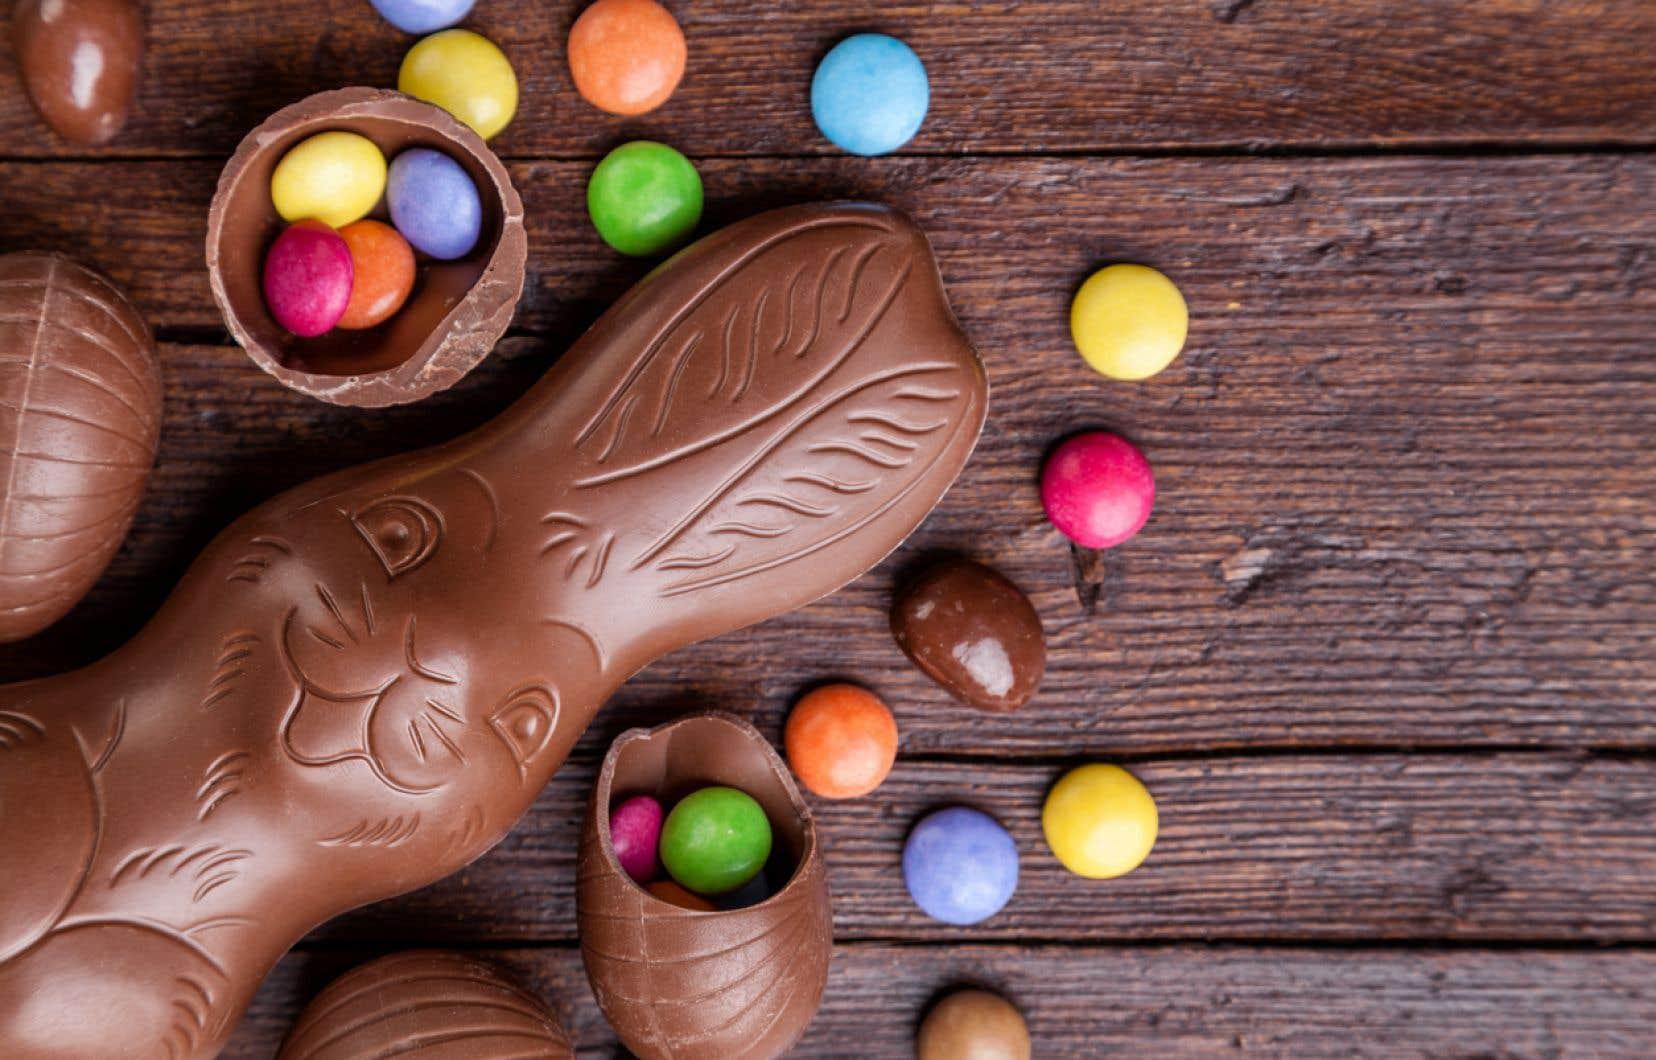 Pâques se fêtera encore en confinement, mais ce n'est pas une raison pour bouder son plaisir!